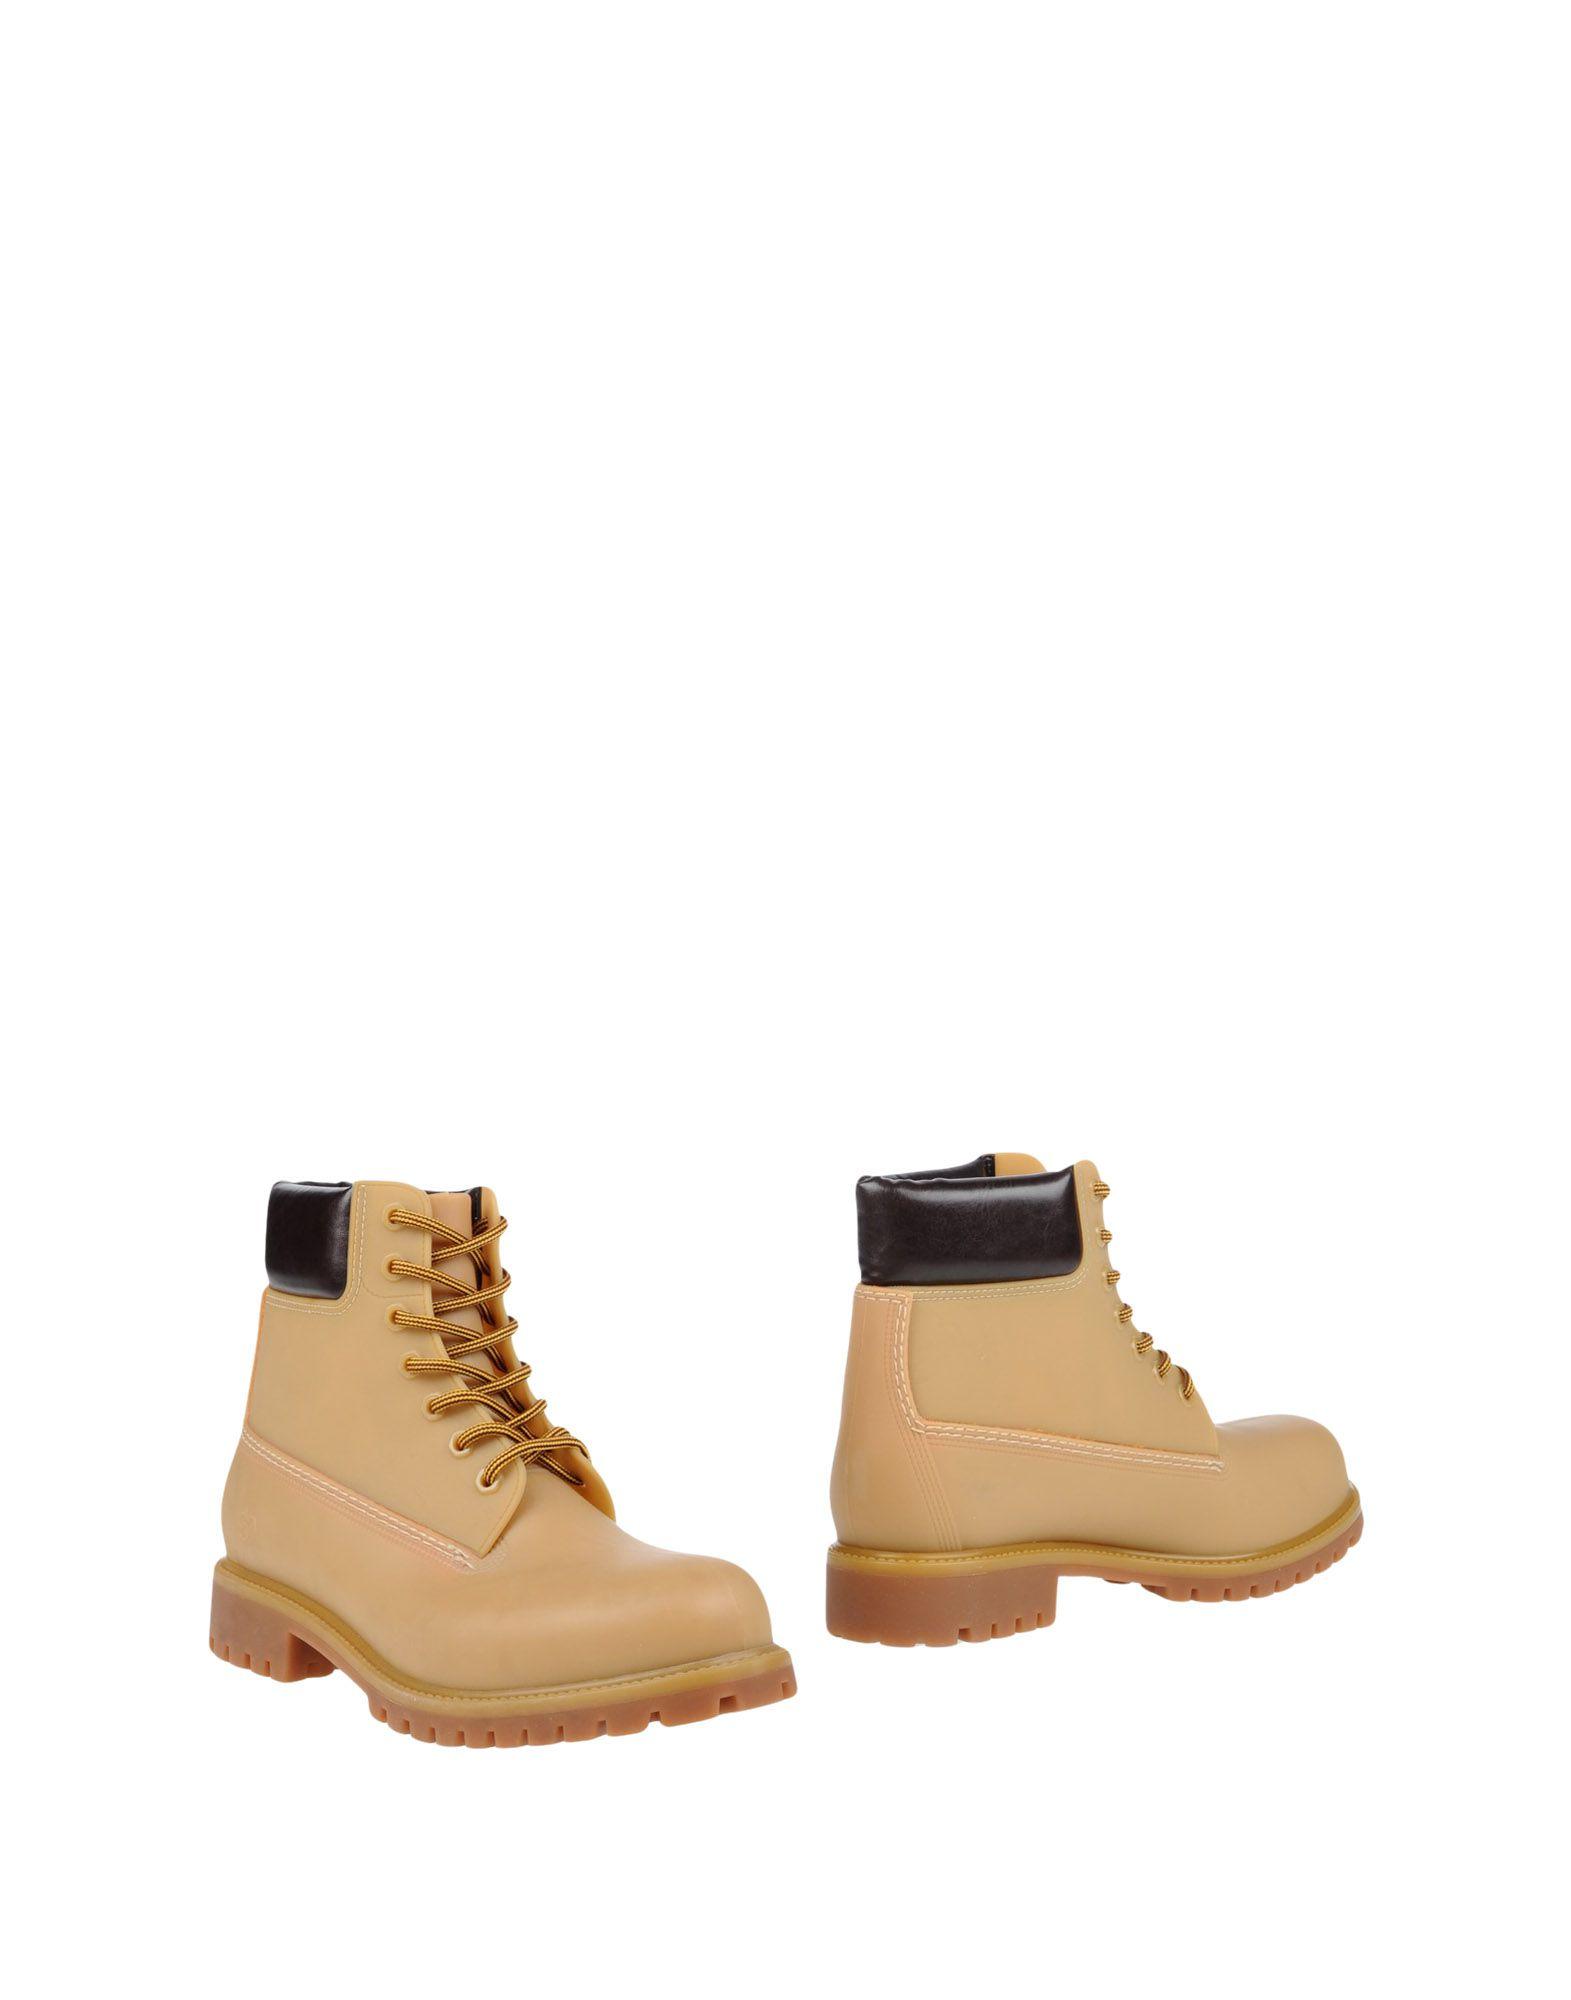 SHUDY Полусапоги и высокие ботинки цены онлайн